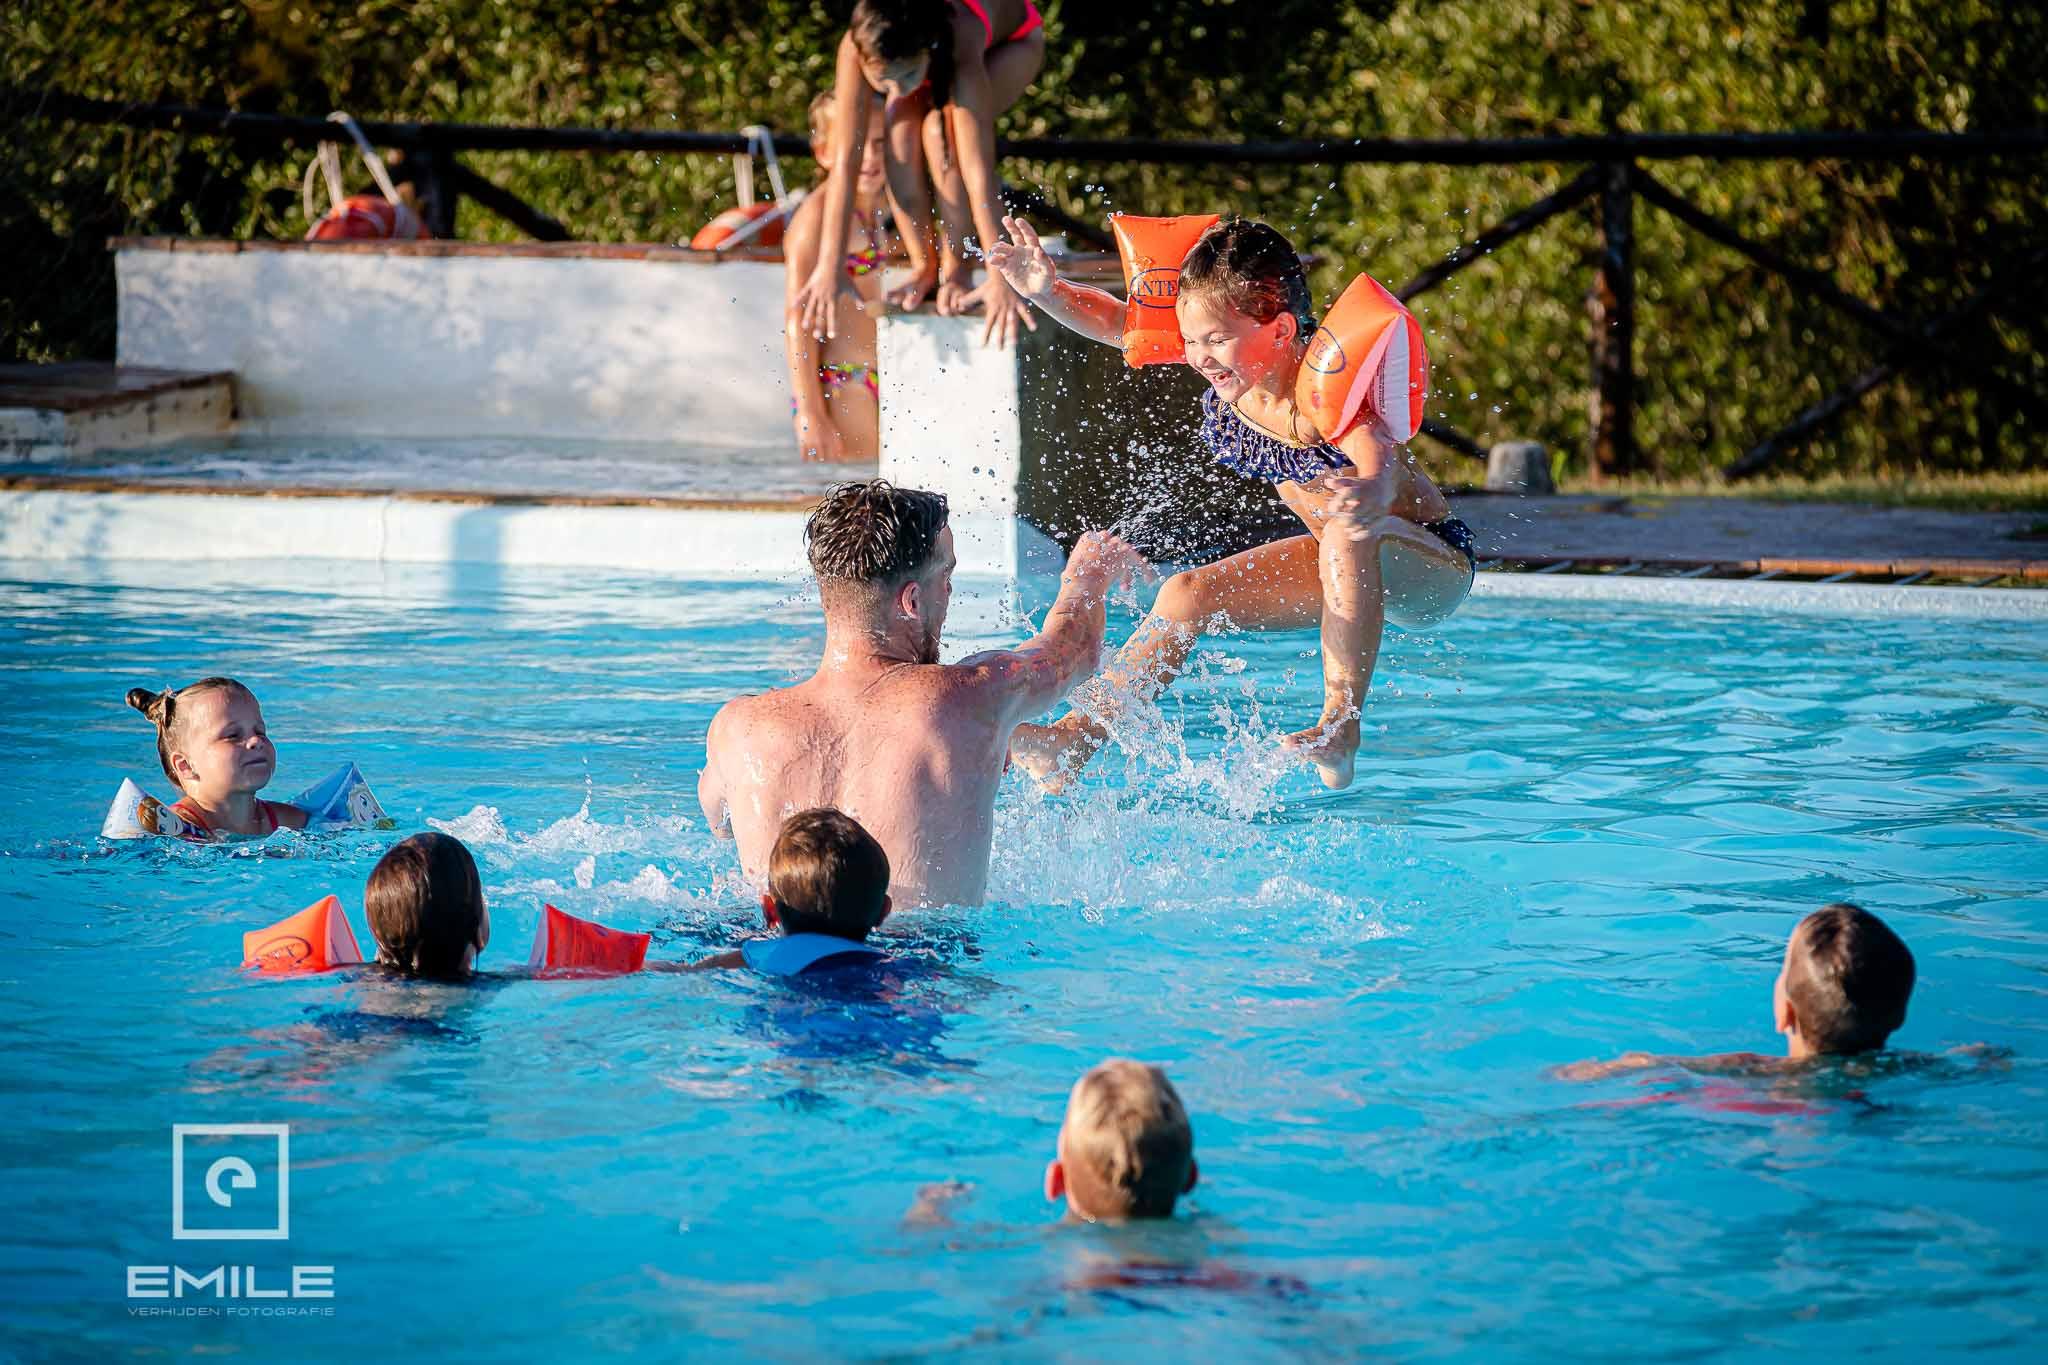 Even afkoelen in het zwembad - Destination wedding San Gimignano - Toscane Italie - Iris en Job